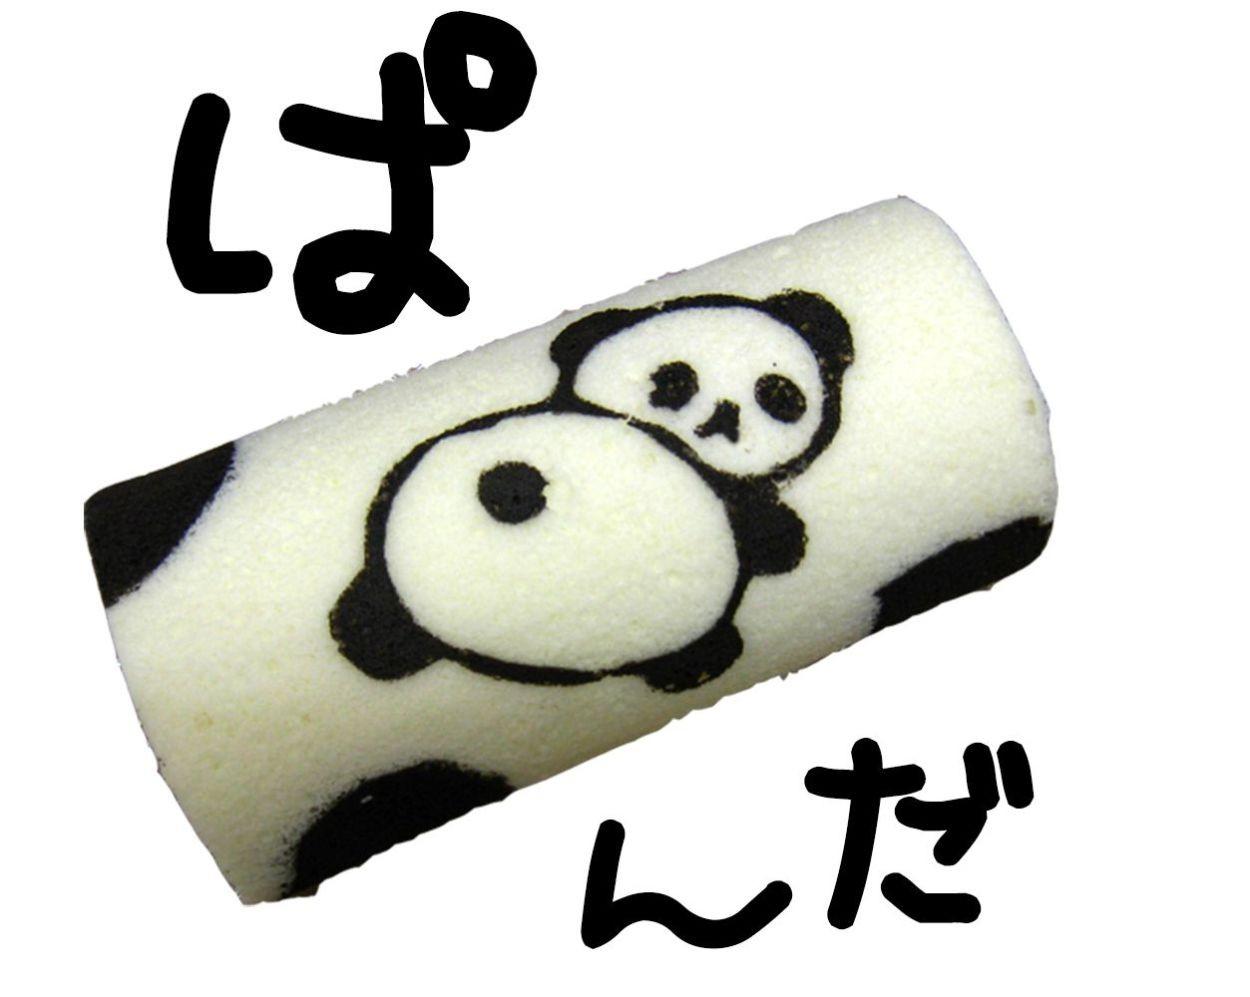 お取り寄せ(楽天) パンダ ロールケーキ チーズ フロマージュ 価格2,580円 (税込)